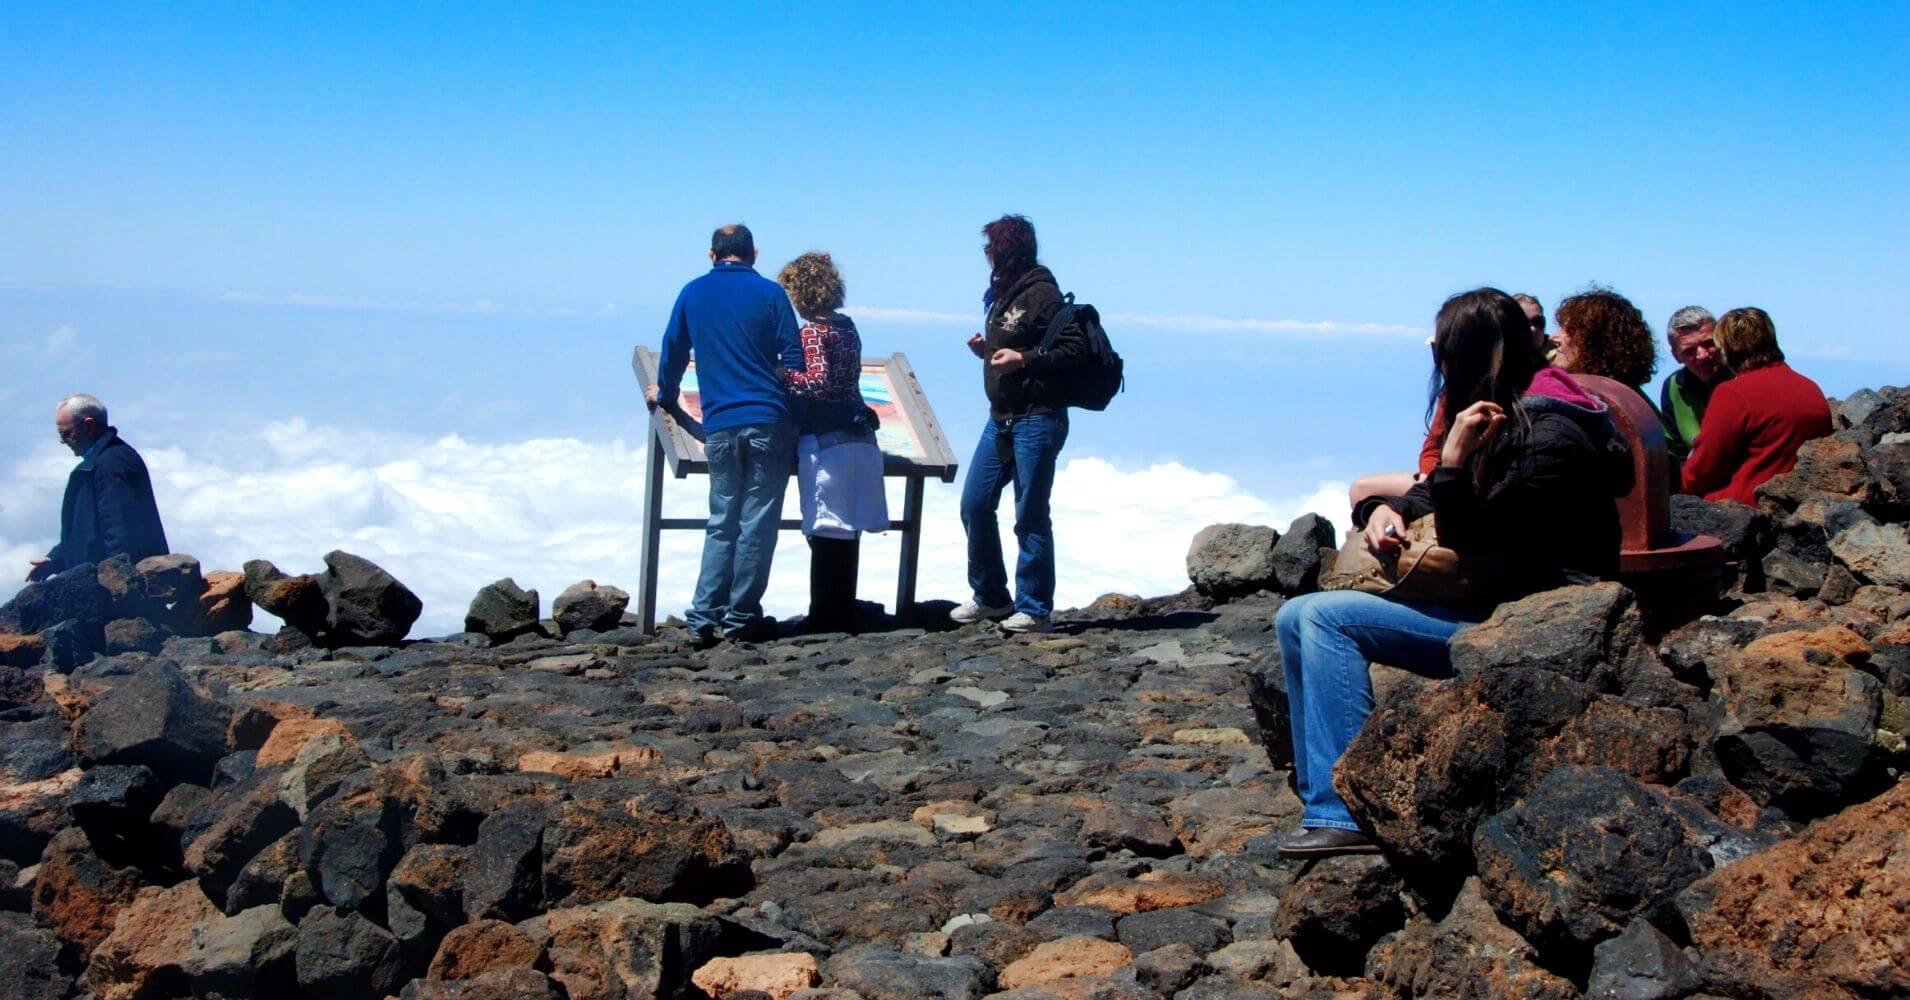 Mirador de Pico Viejo. Isla de Tenerife. Islas Canarias.